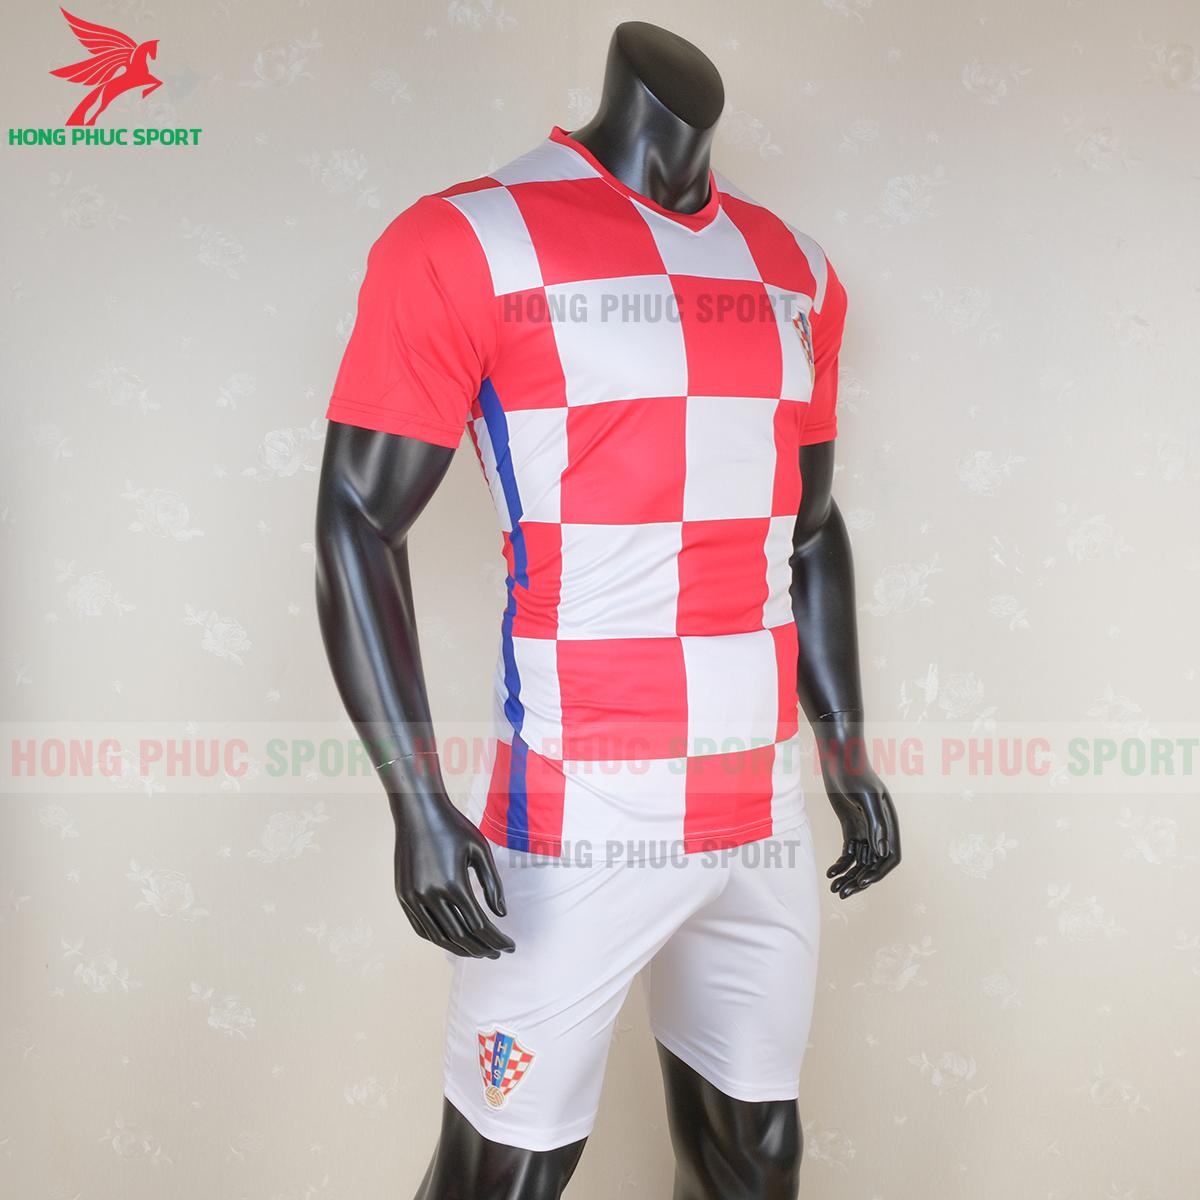 https://cdn.hongphucsport.com/unsafe/s4.shopbay.vn/files/285/ao-bong-da-tuyen-croatia-2020-san-nha-mau-1-3-5f7147ce05122.png